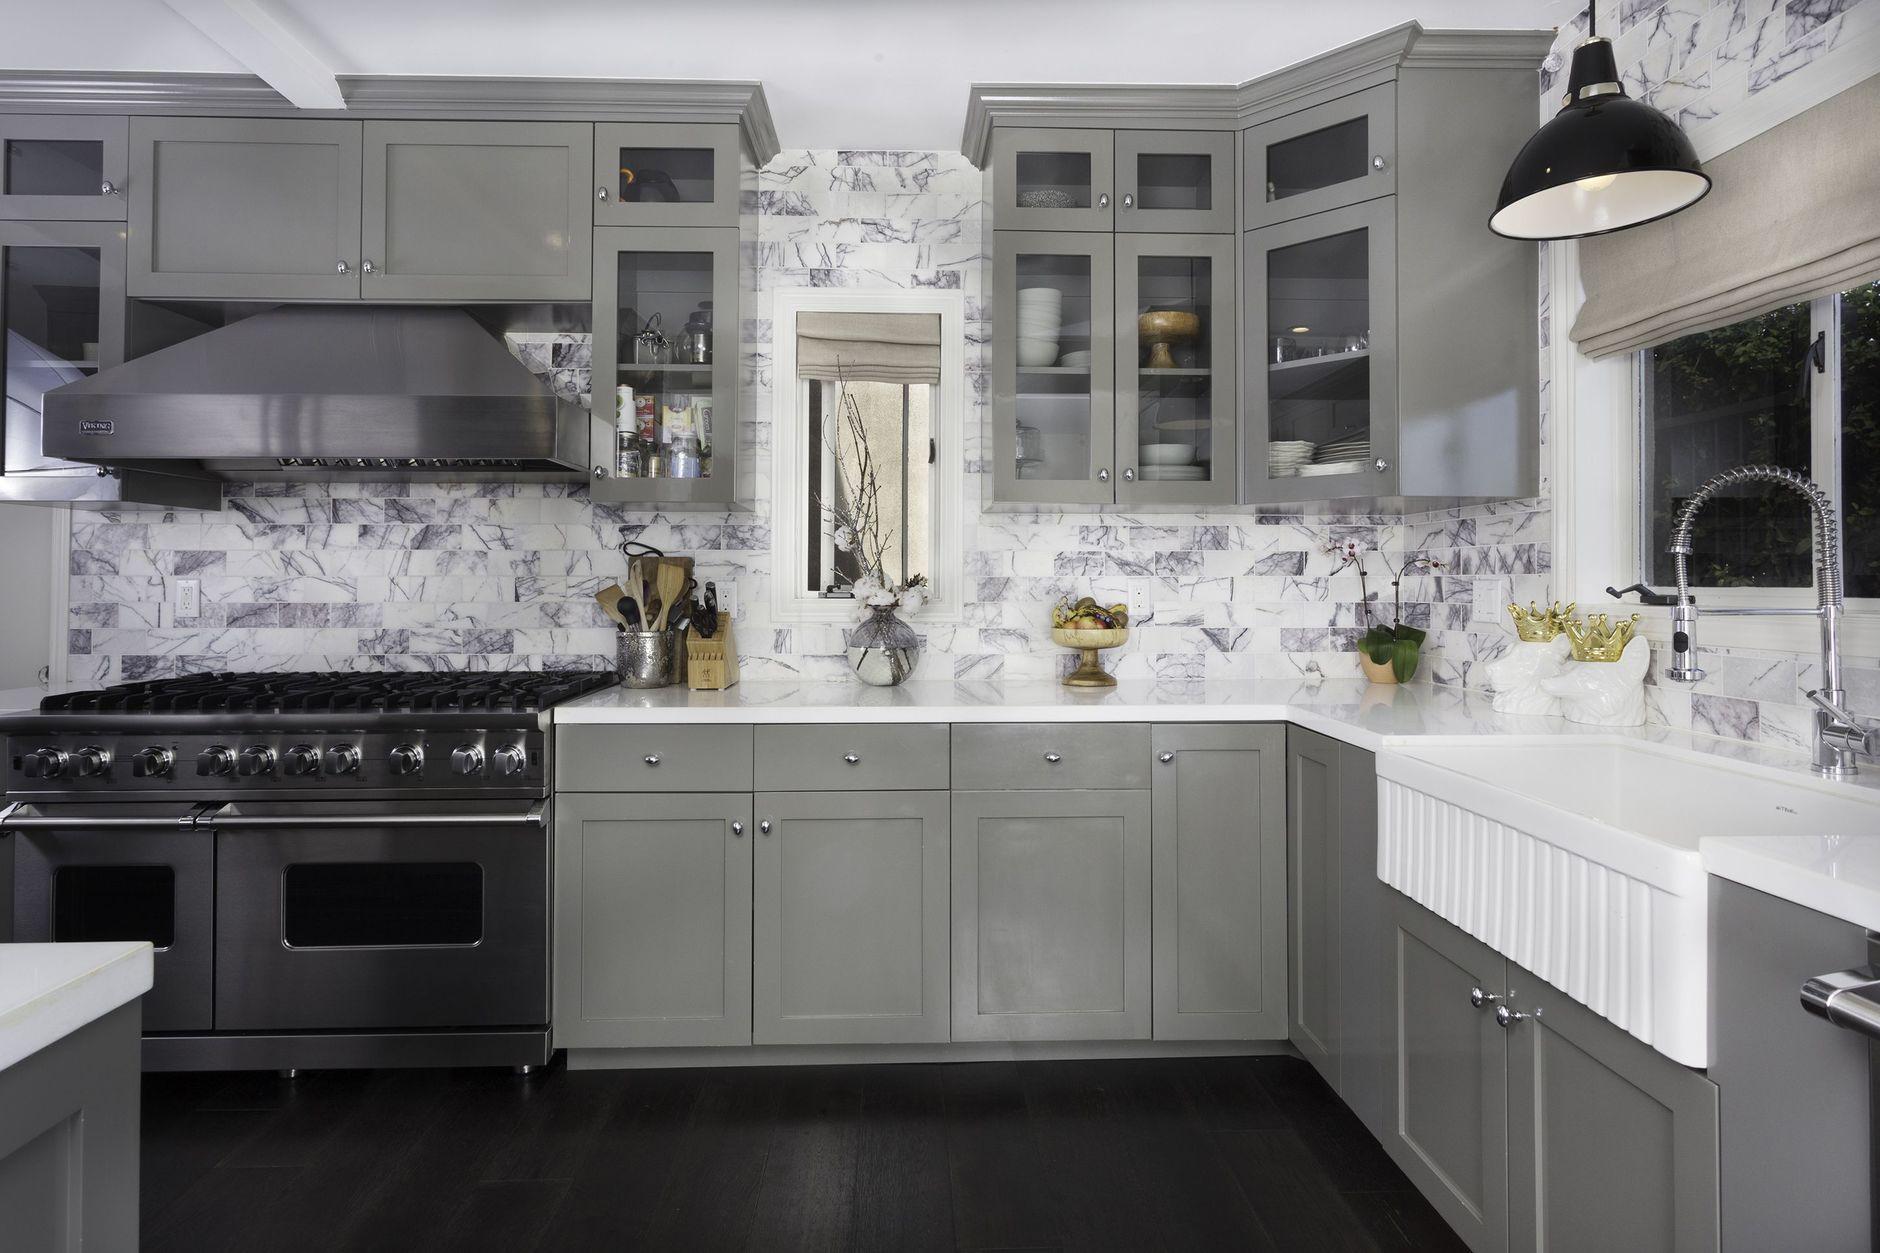 Реппер Ашер продает дом в Голливуде (галерея 4, фото 4)